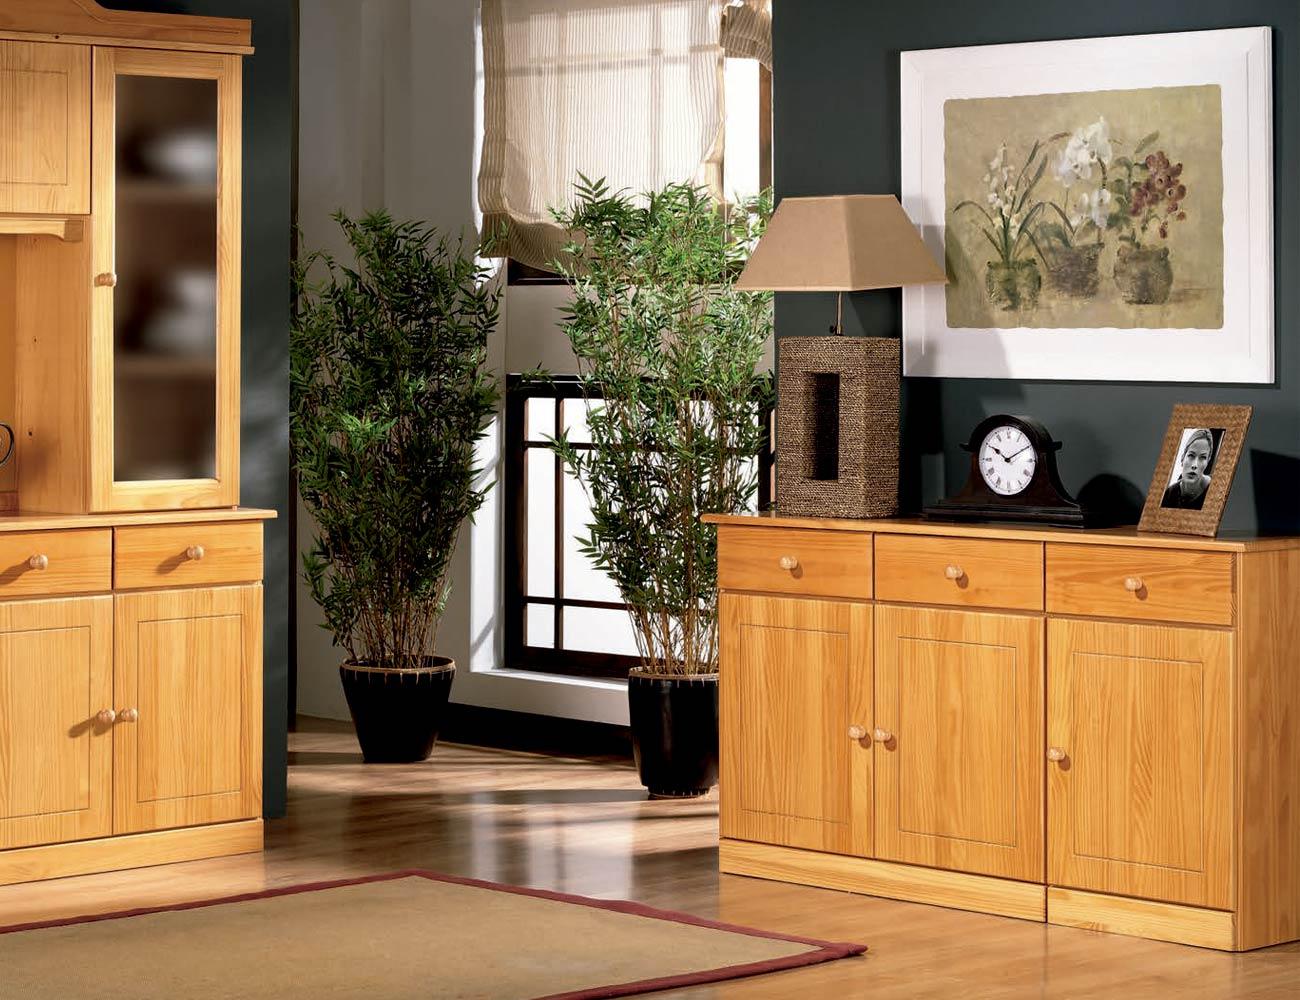 Aparador en color miel factory del mueble utrera - Muebles utrera ...